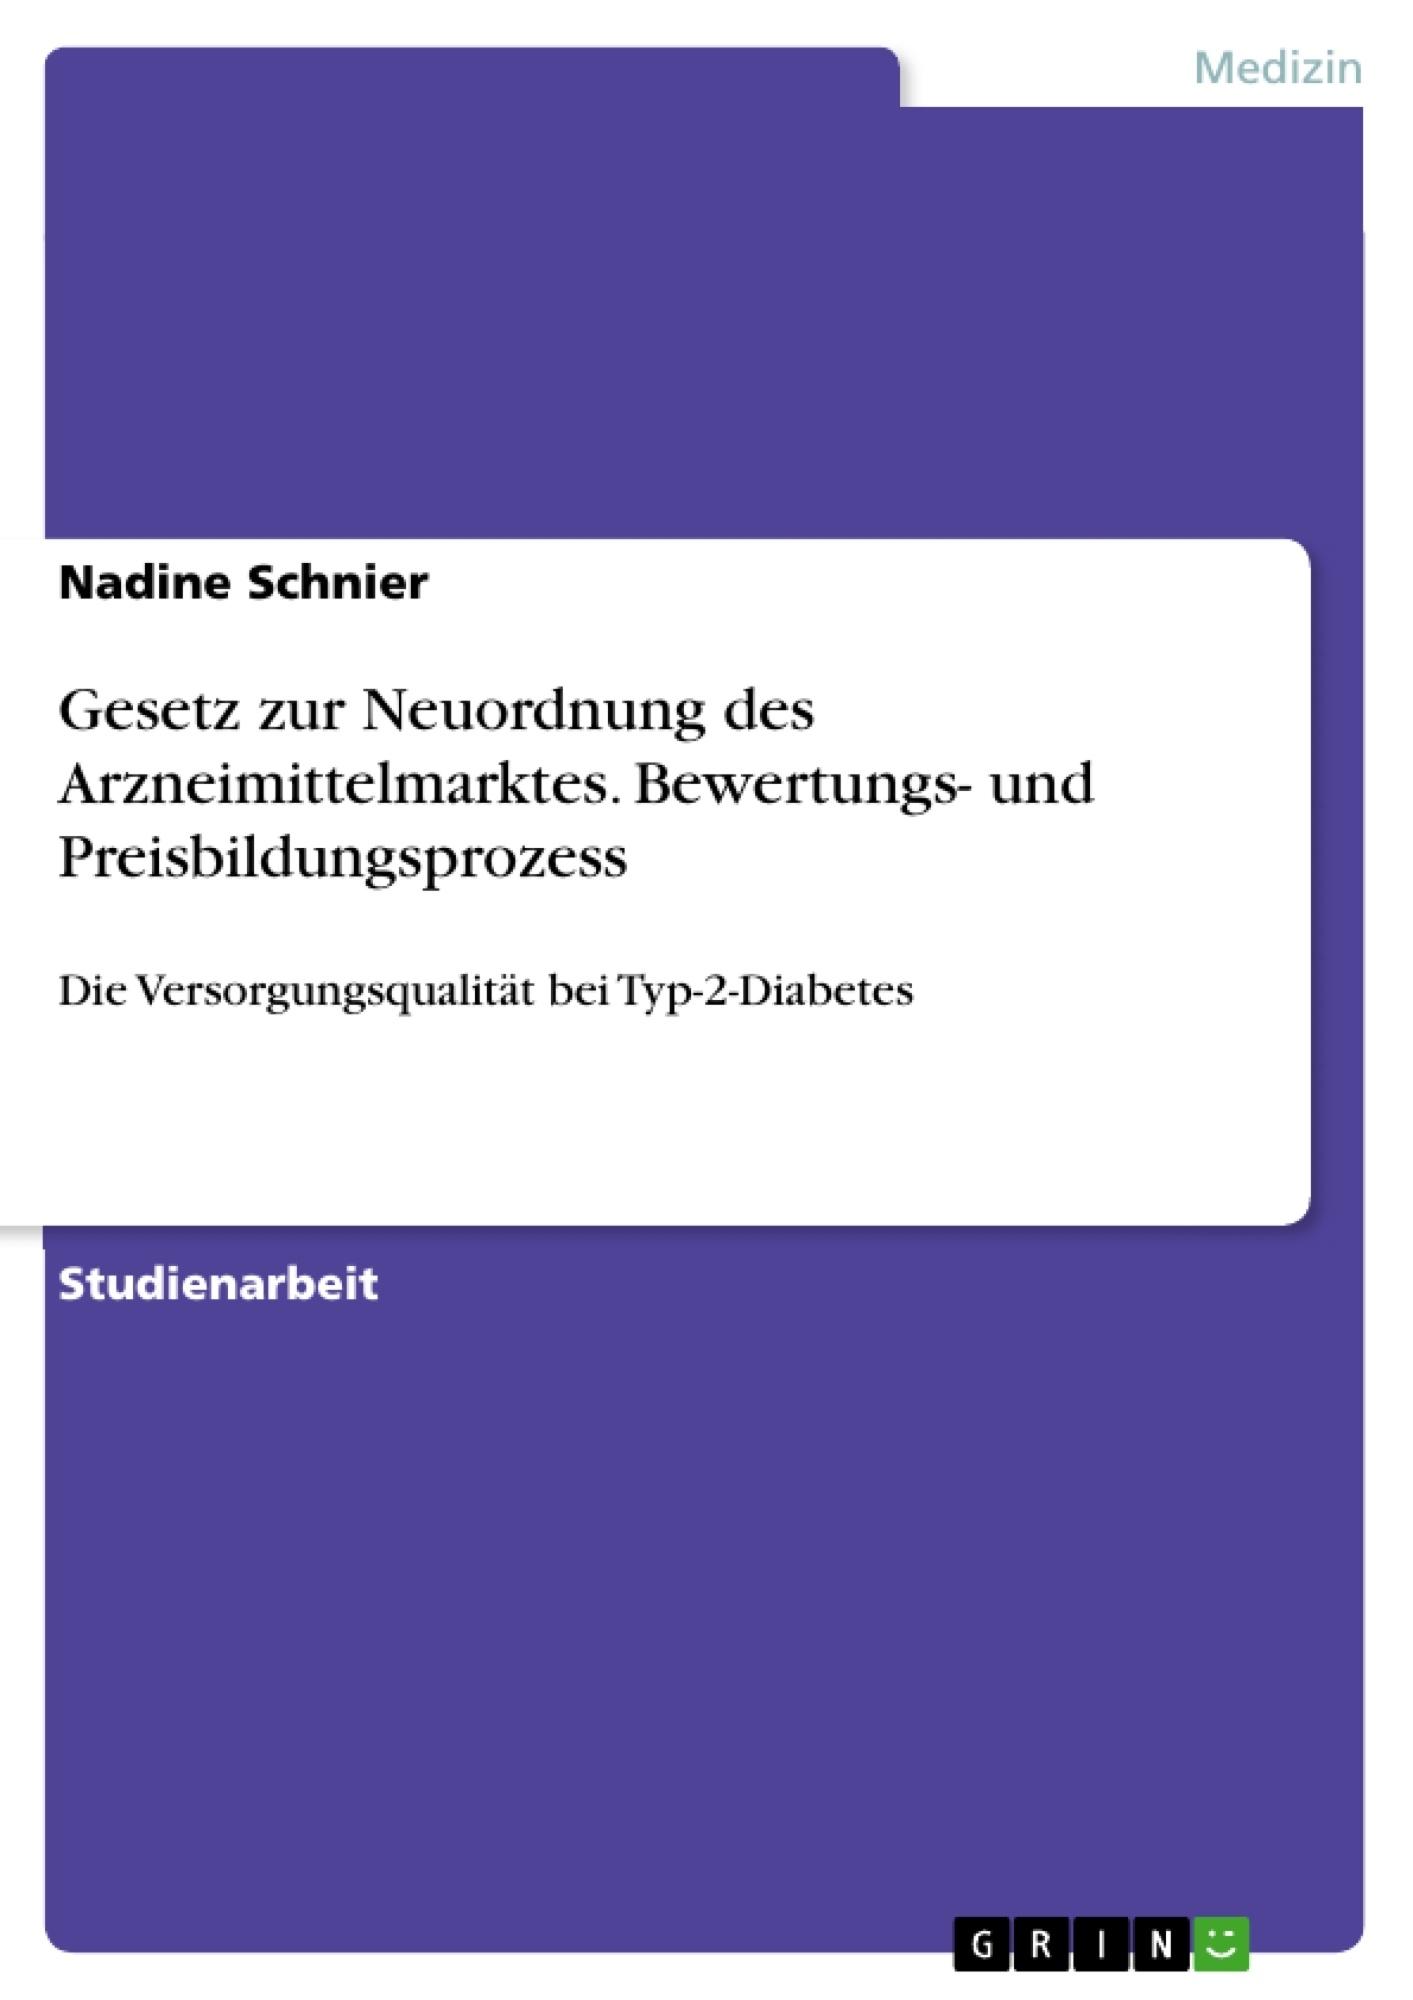 Titel: Das Arzneimittelmarktneuordnungsgesetz. Bewertungs- und Preisbildungsprozess